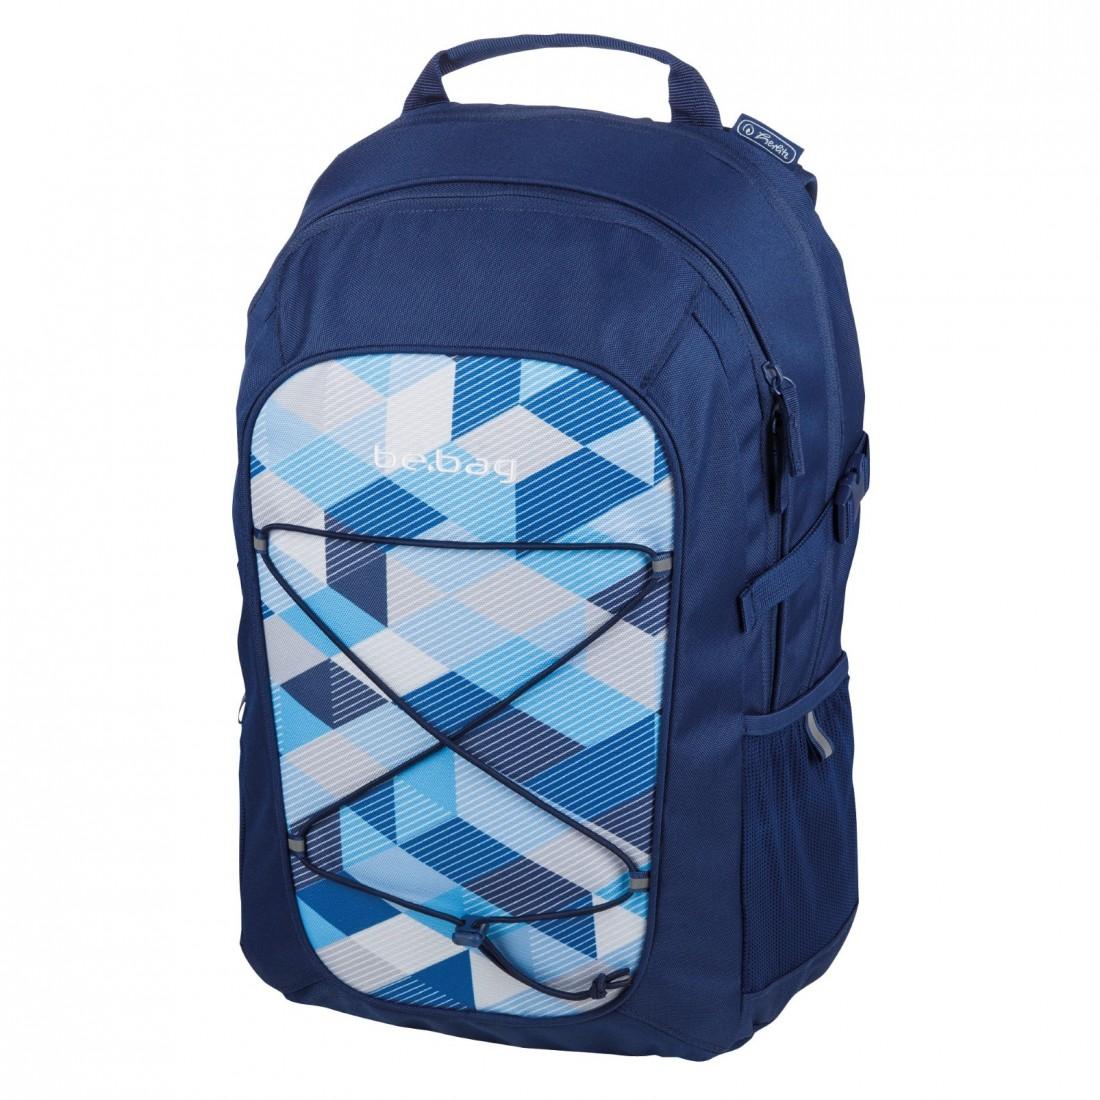 PLECAK Herlitz be.bag Fellow BLUE CHECKED - plecak-tornister.pl